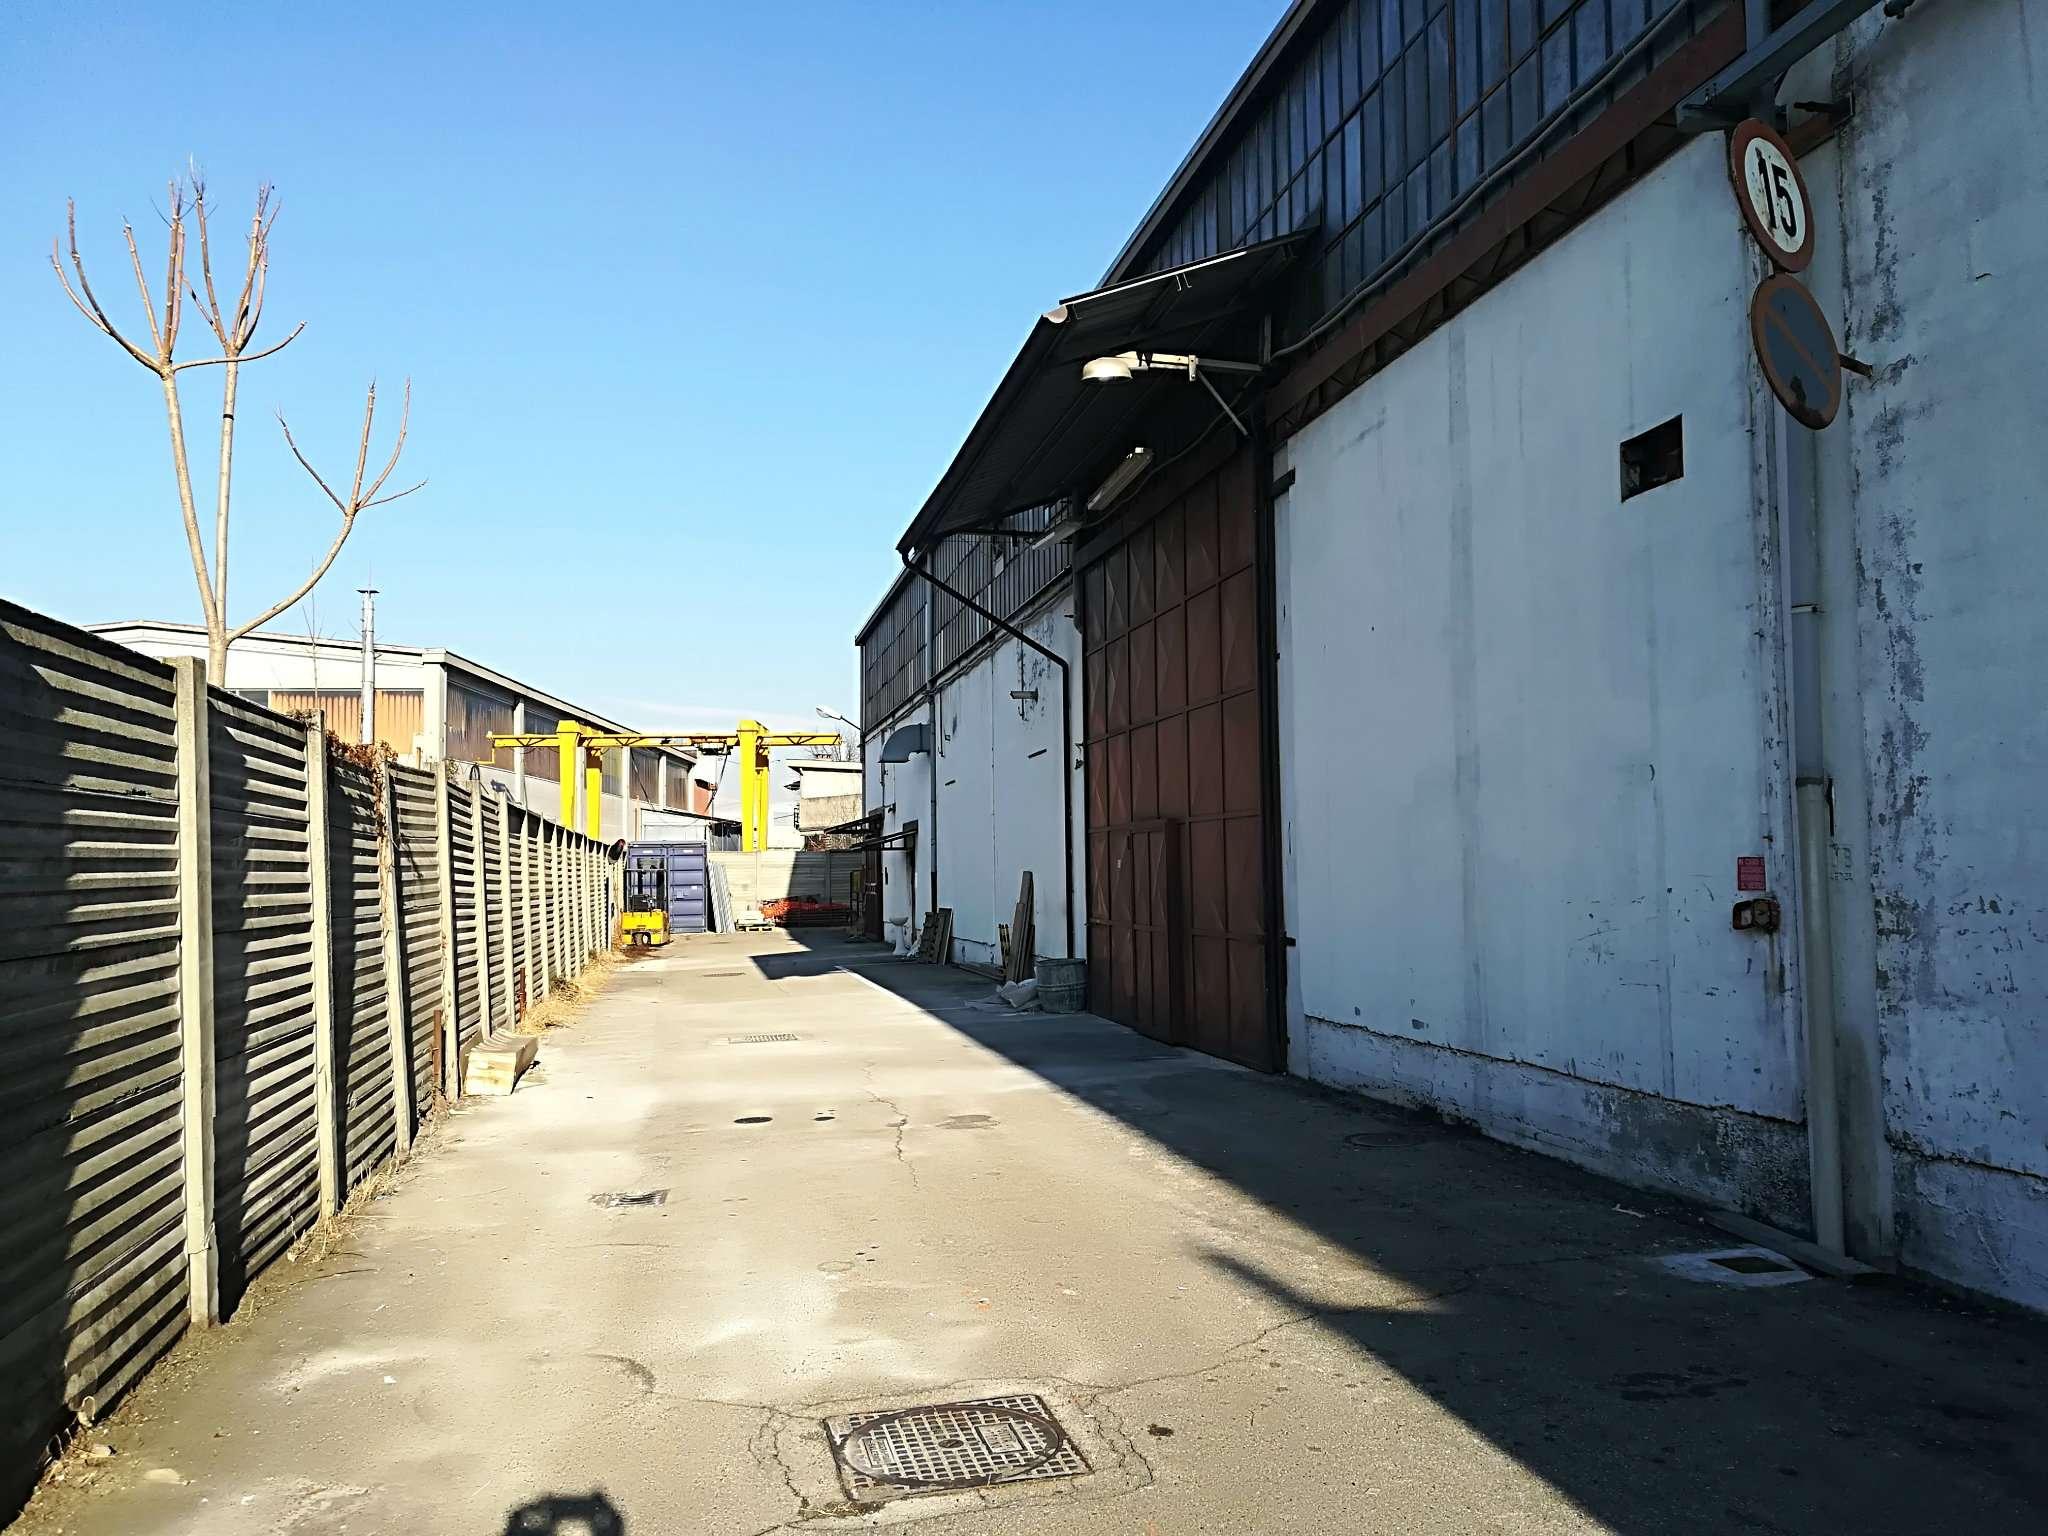 Immagine immobiliare VENARIA REALE CAPANNONE 1100 MQ Disponiamo in Venaria Reale, comodo alla tangenziale, capannone industriale di 1100 mq circa completamente ristrutturato aperto su due aree, con area produttiva di 1000 mq circa con altezza sottotrave di...